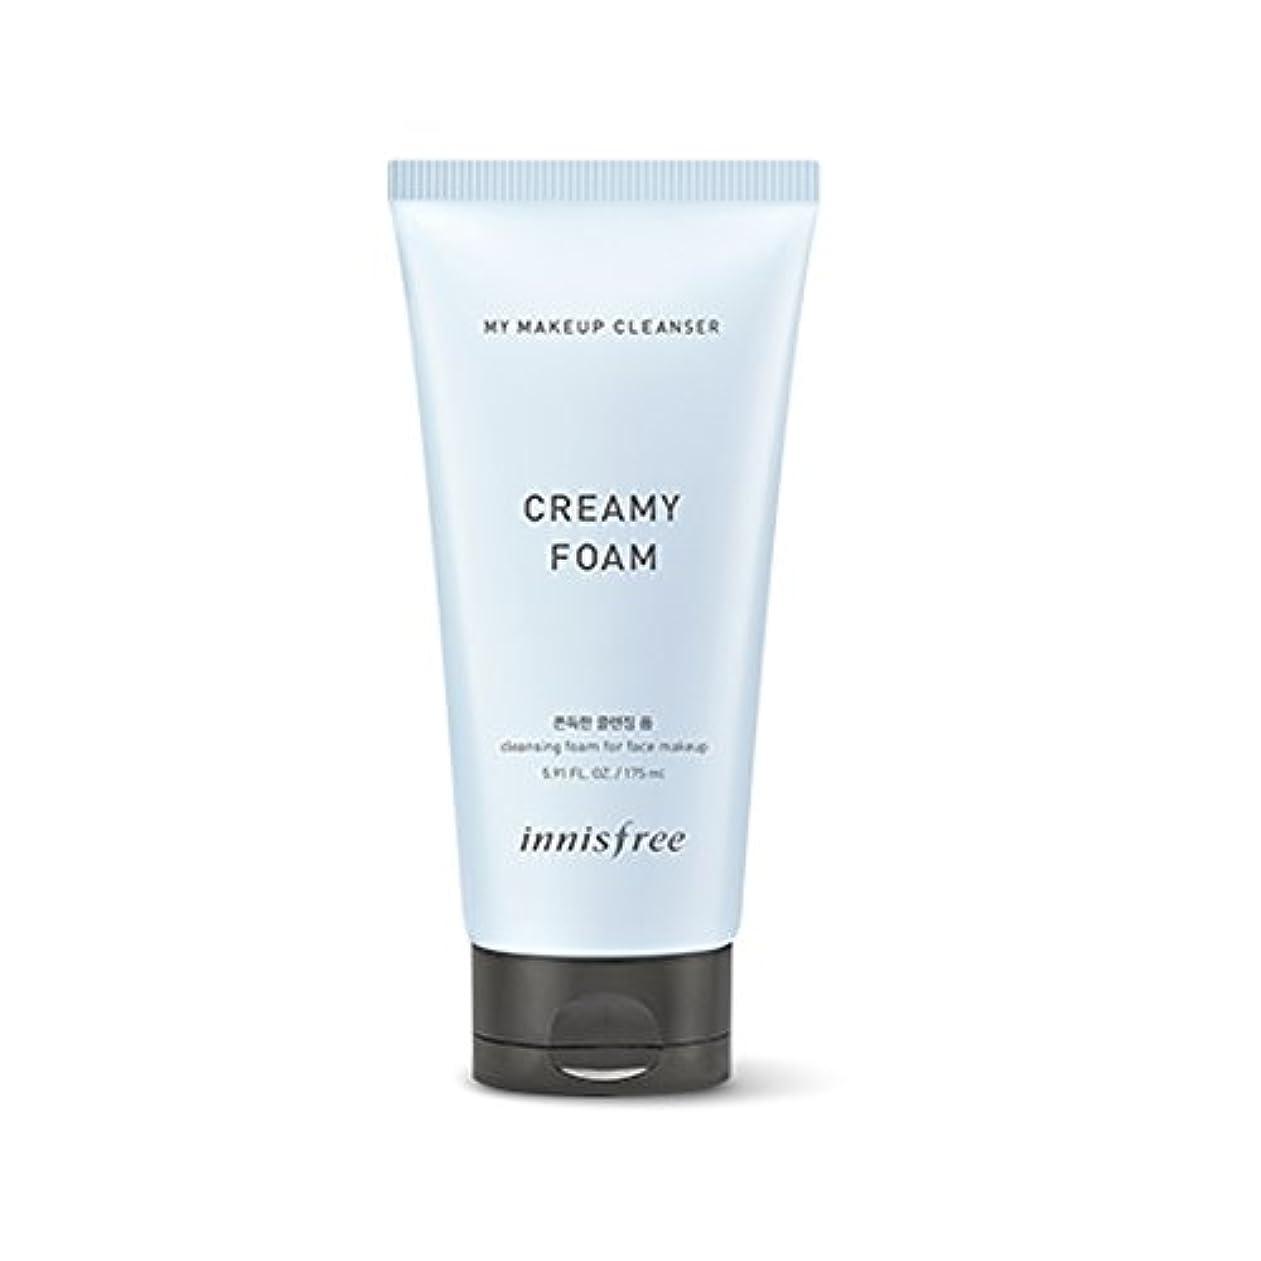 マンハッタン普及ほかにイニスフリーマイメイクアップクレンザー - クリームフォーム175ml Innisfree My Makeup Cleanser - Creamy Form 175ml [海外直送品][並行輸入品]